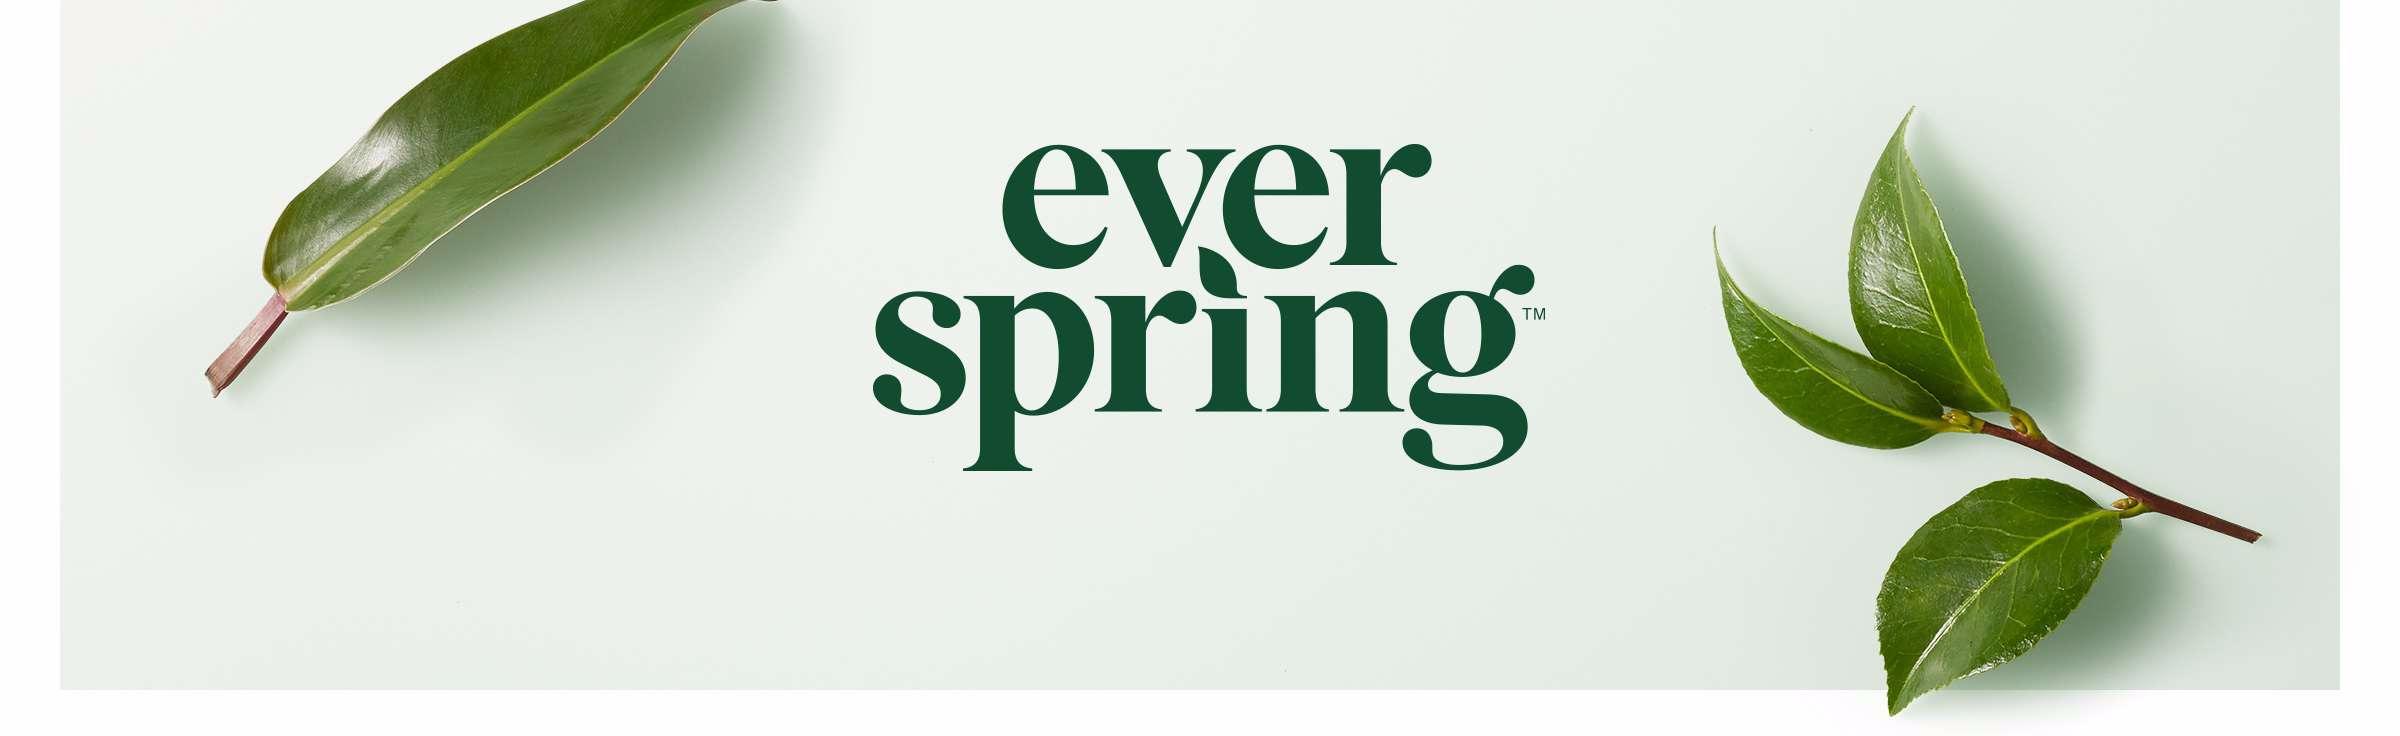 Everspring by Target